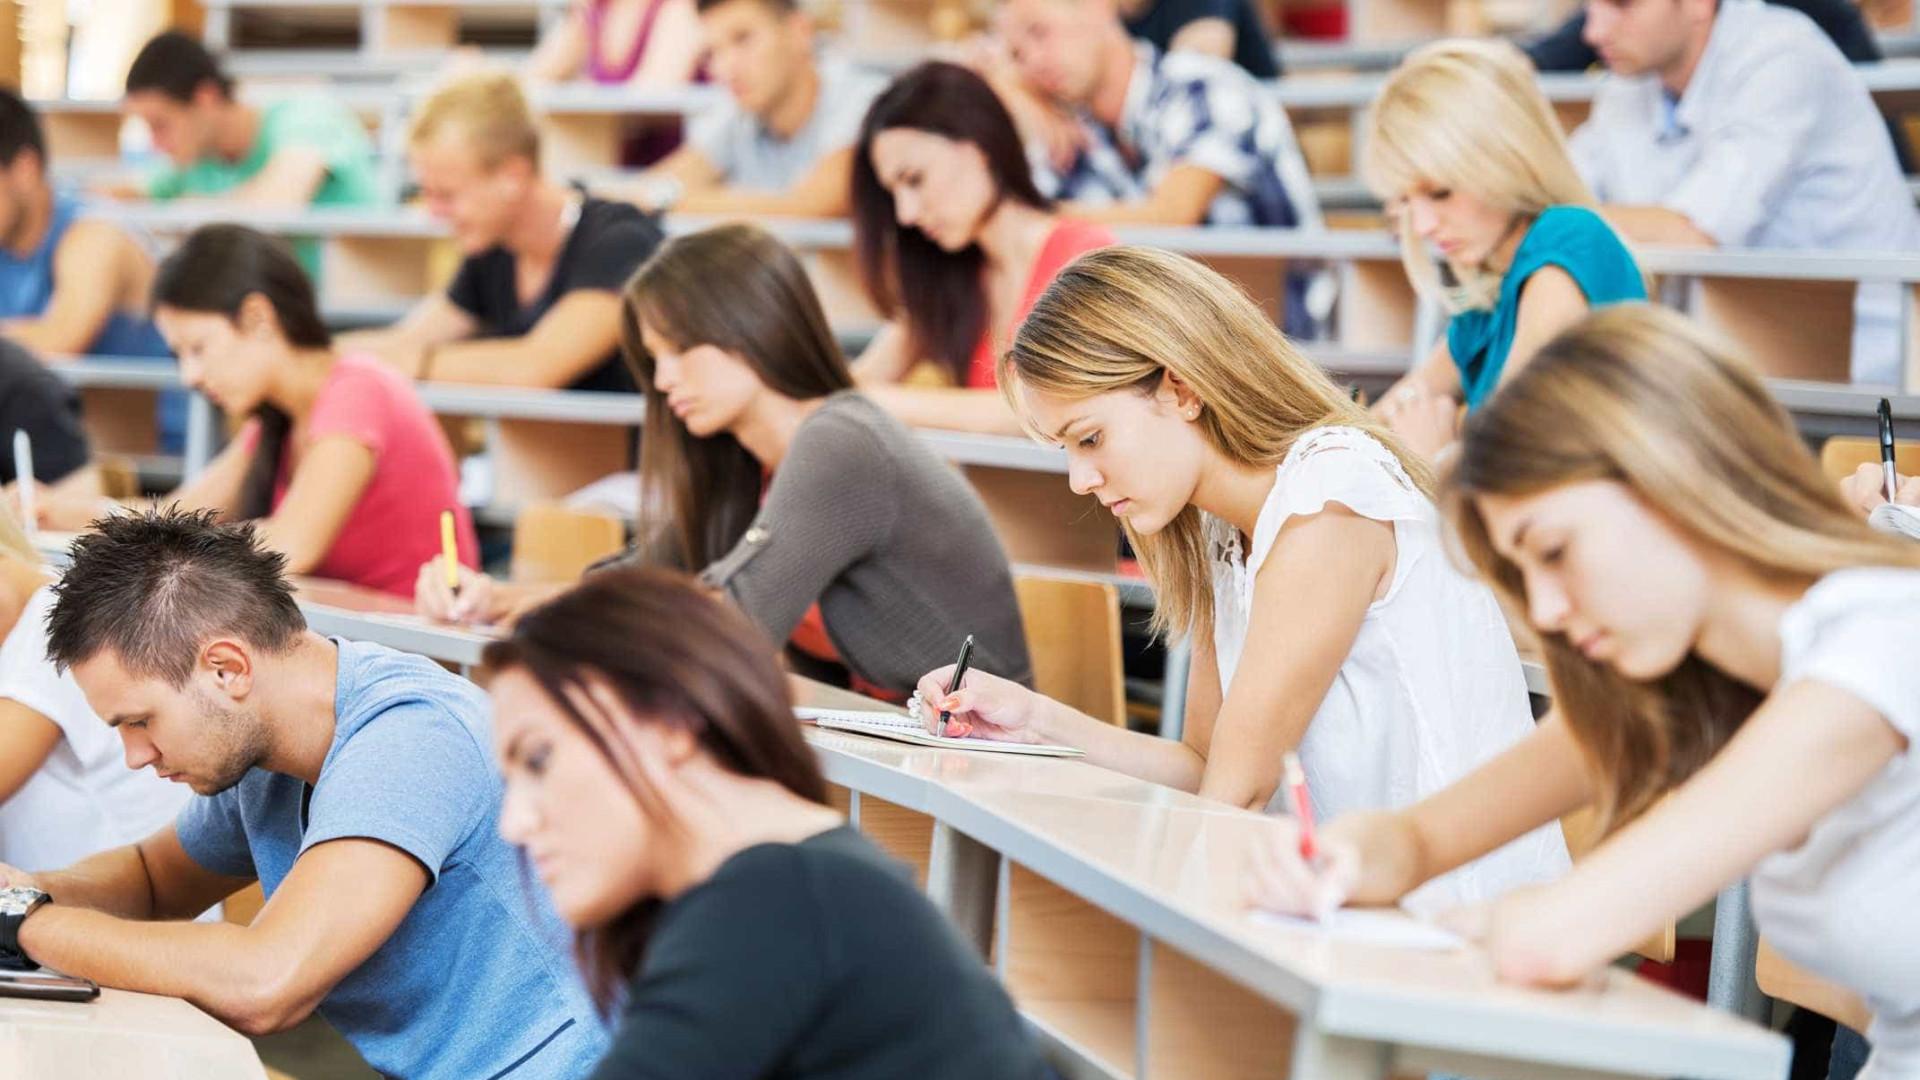 Quase 45 mil alunos colocados. É o número mais elevado dos últimos 7 anos